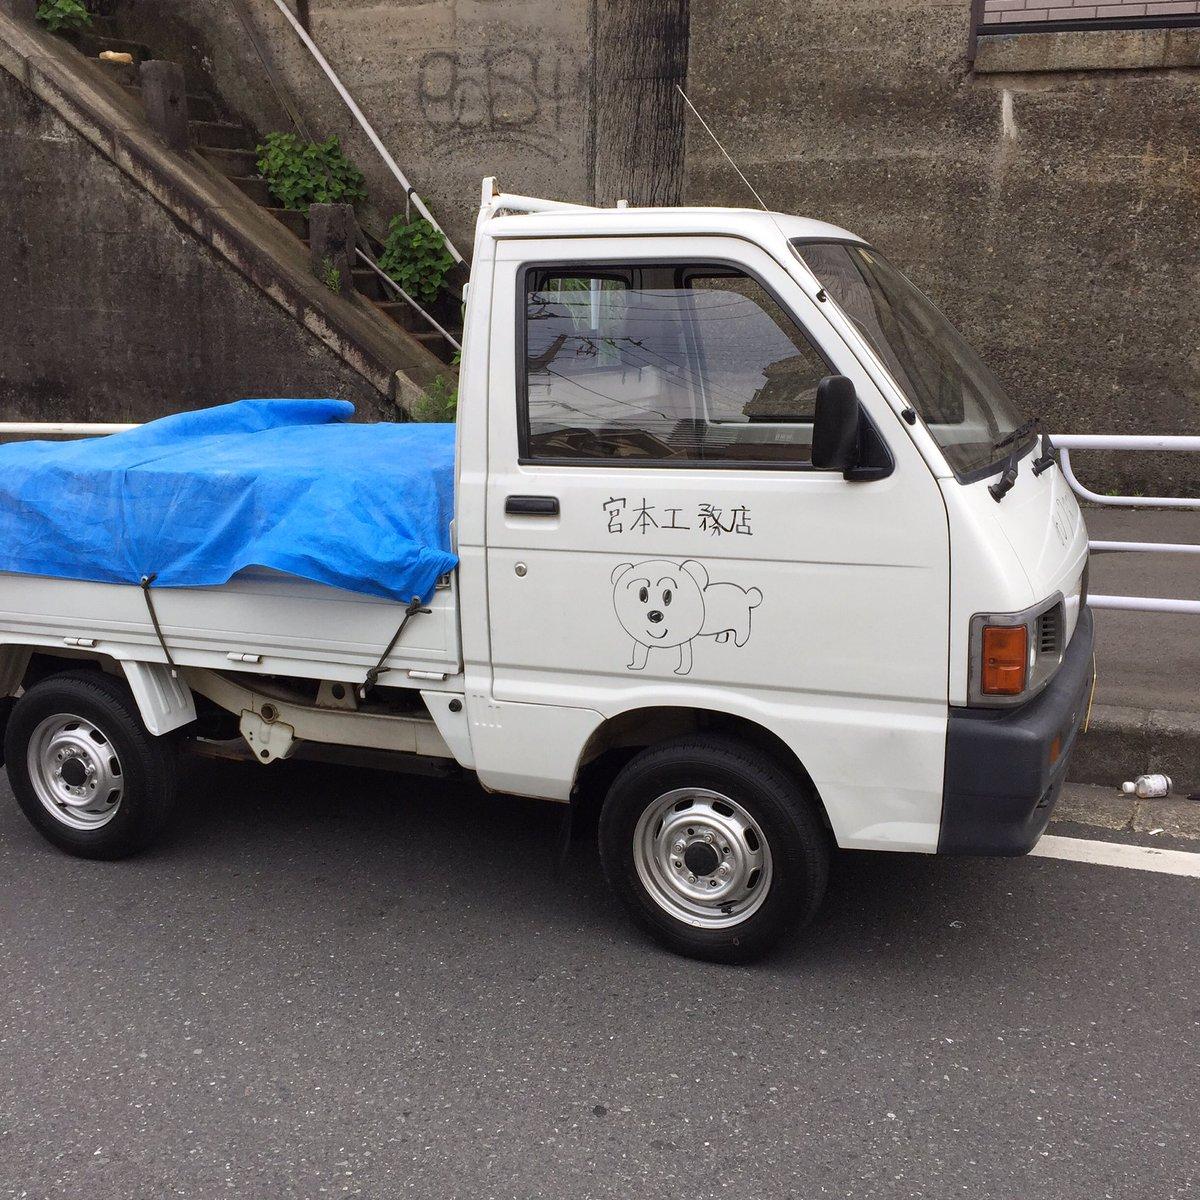 最近見た一番イカした車。宮本工務店。 https://t.co/CALA2bEWfR